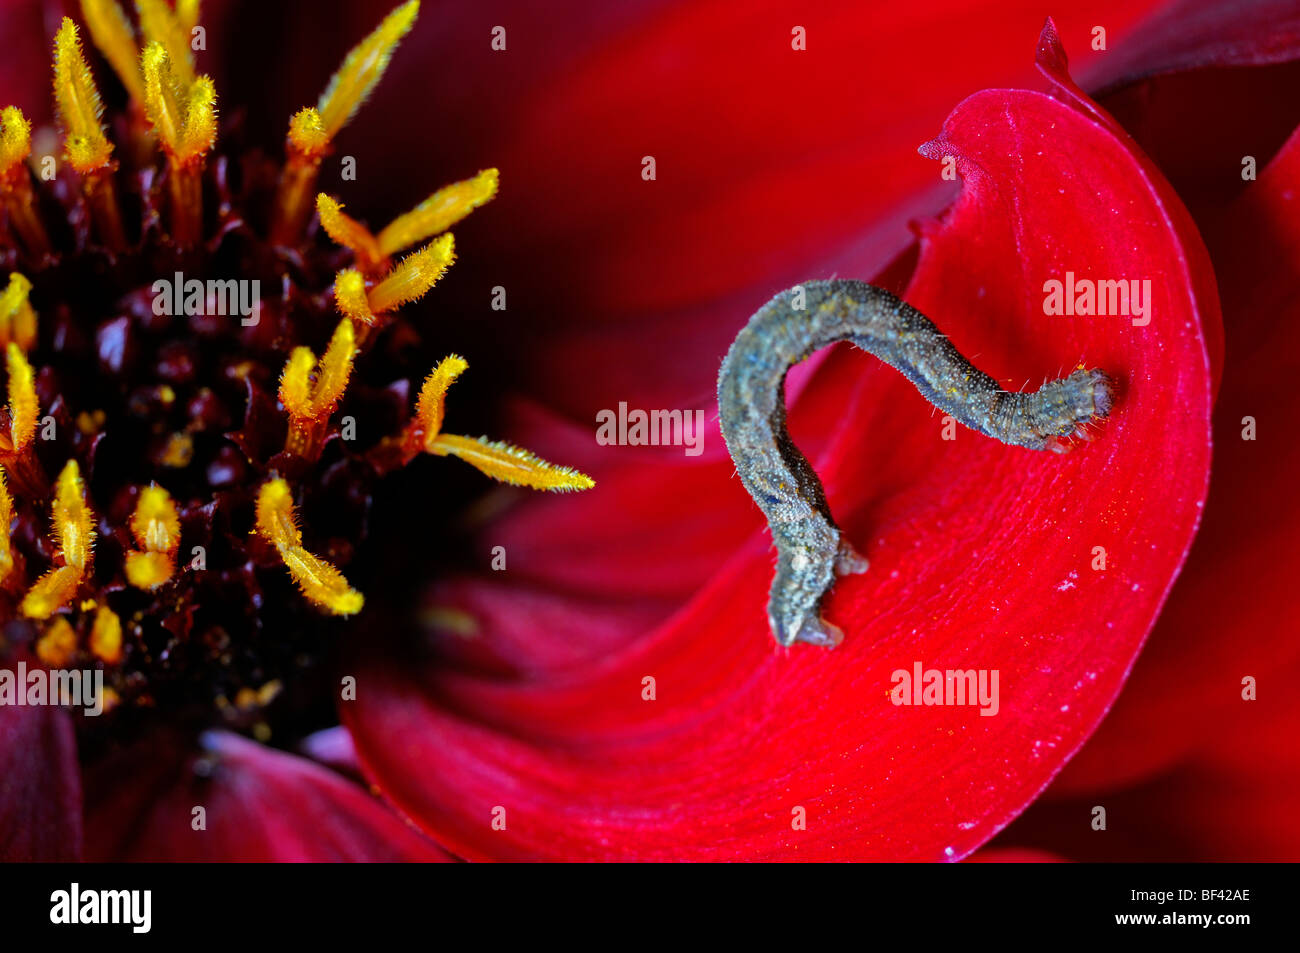 Tiny Caterpillar Stock Photos & Tiny Caterpillar Stock Images - Alamy